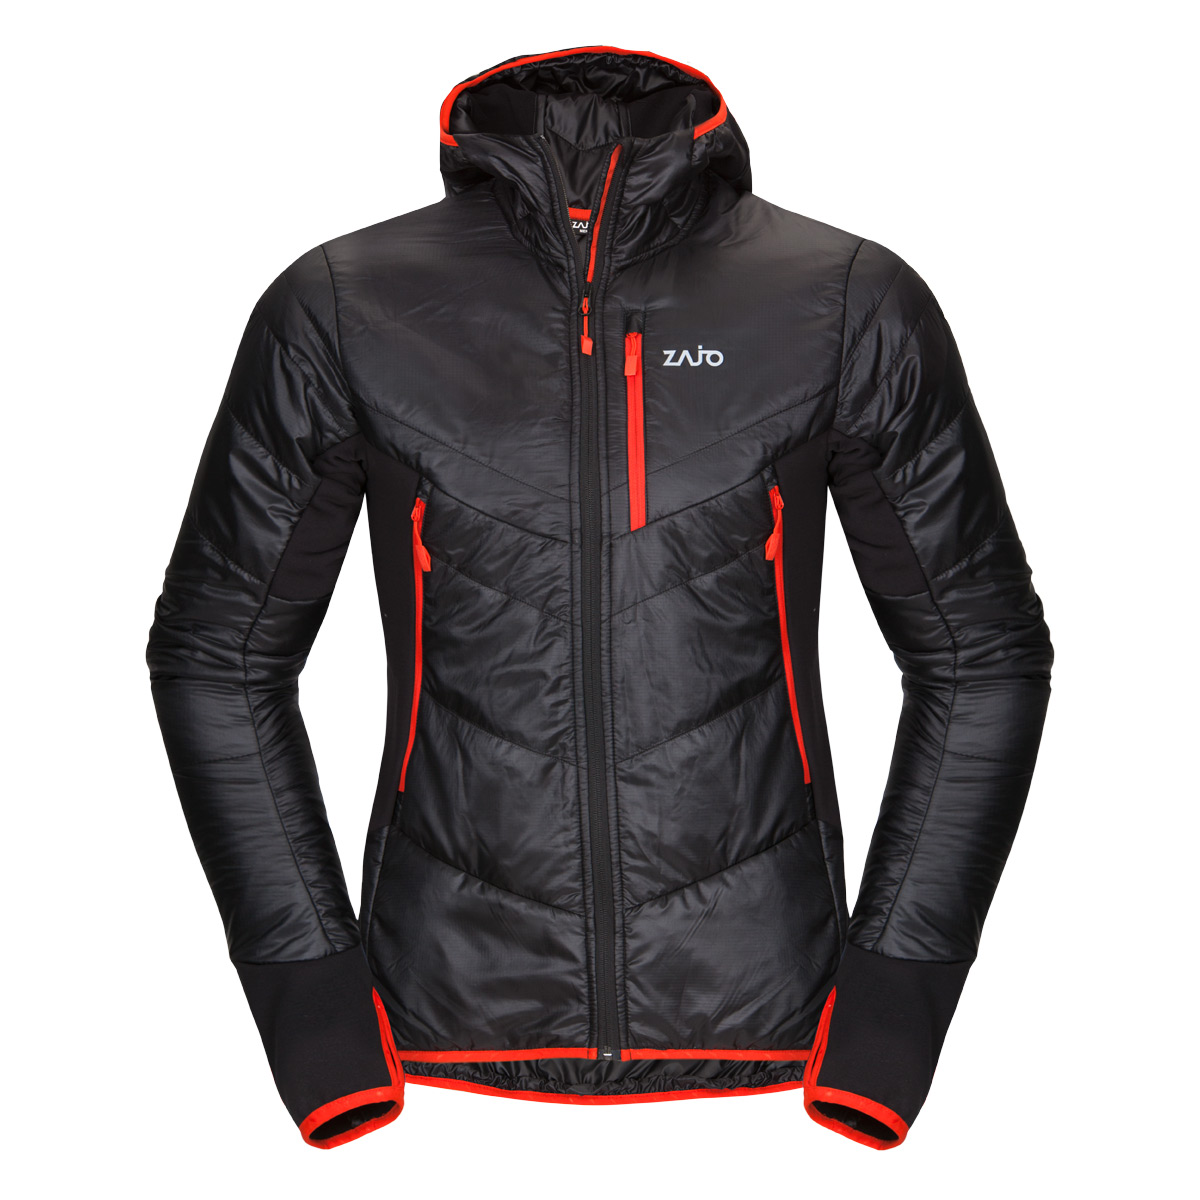 Pánska bunda Zajo Arth JKT Black - veľkosť L